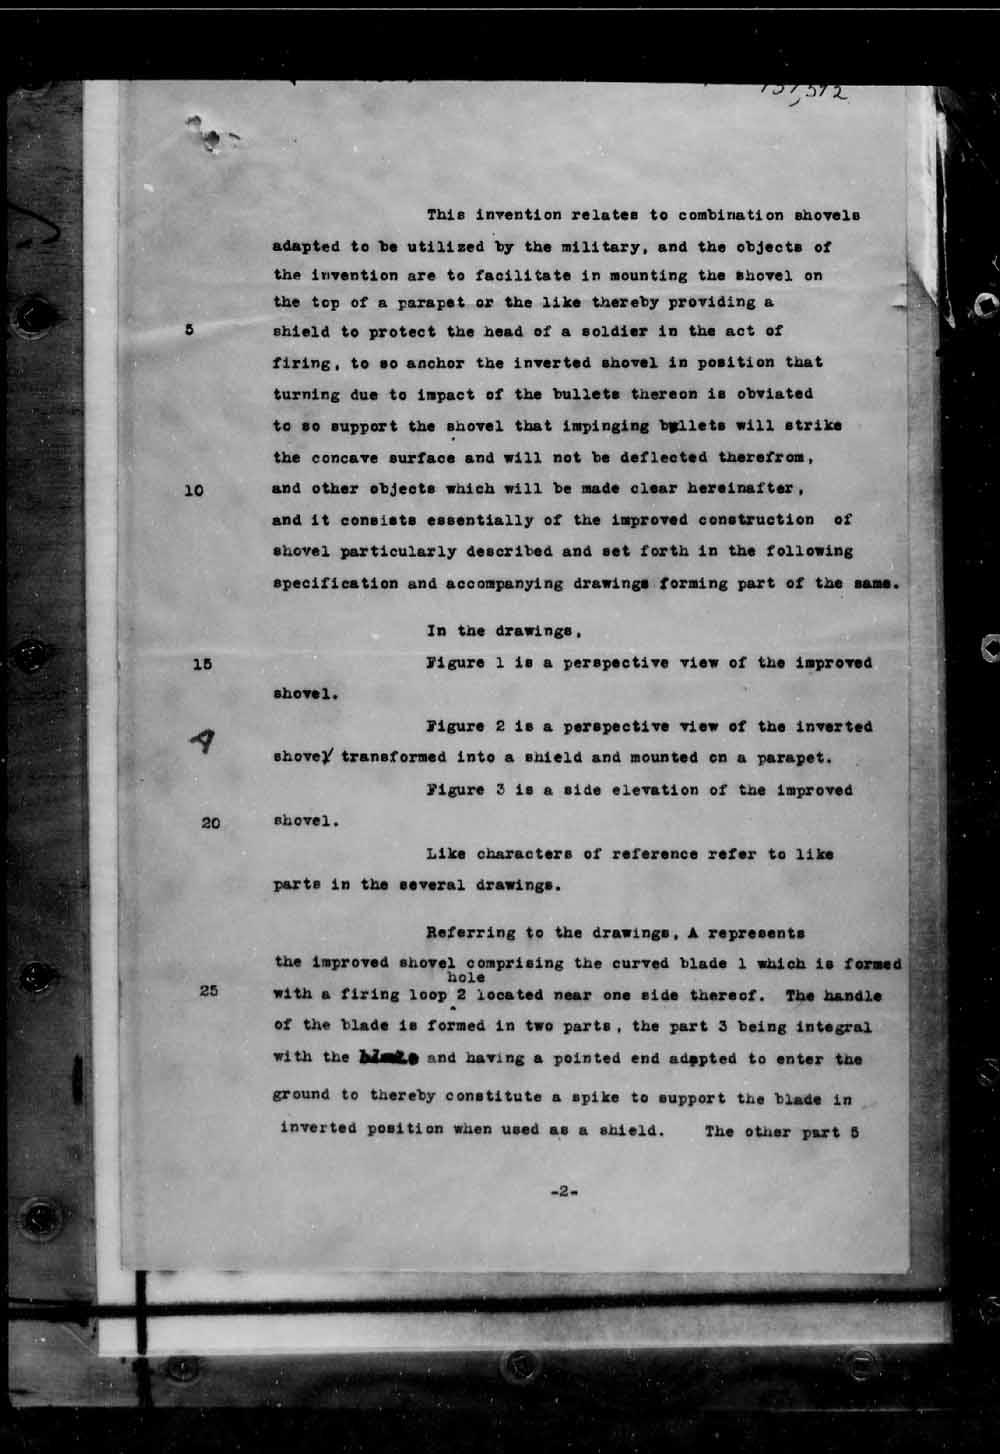 Page numérisé de Brevets canadiens, 1869-1919 pour l'image numéro: e005691675